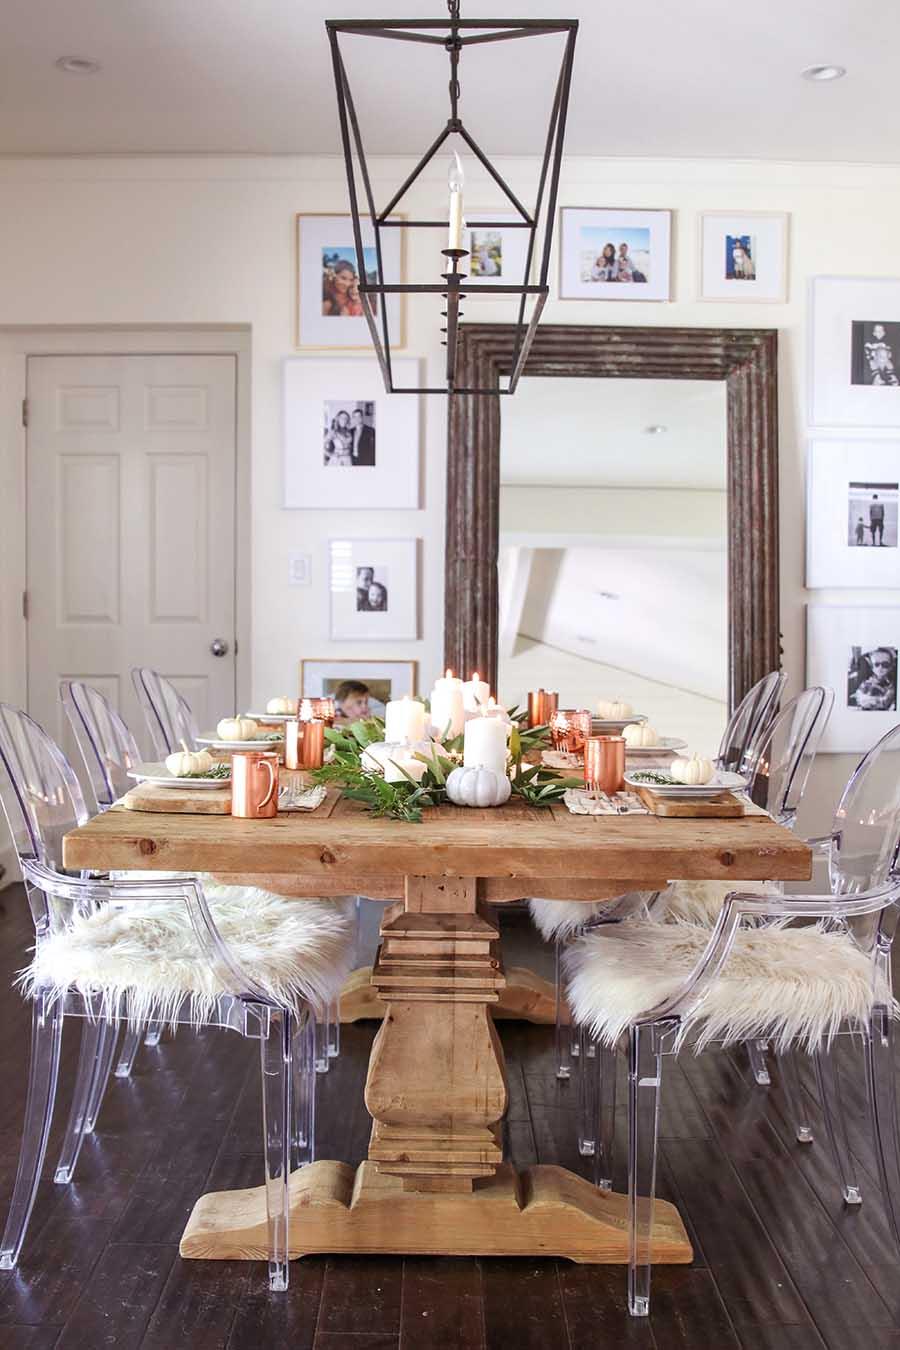 Modern Farmhouse Fall Dining Room Decor - Fall Home Tour on Farmhouse Dining Room Curtains  id=49053